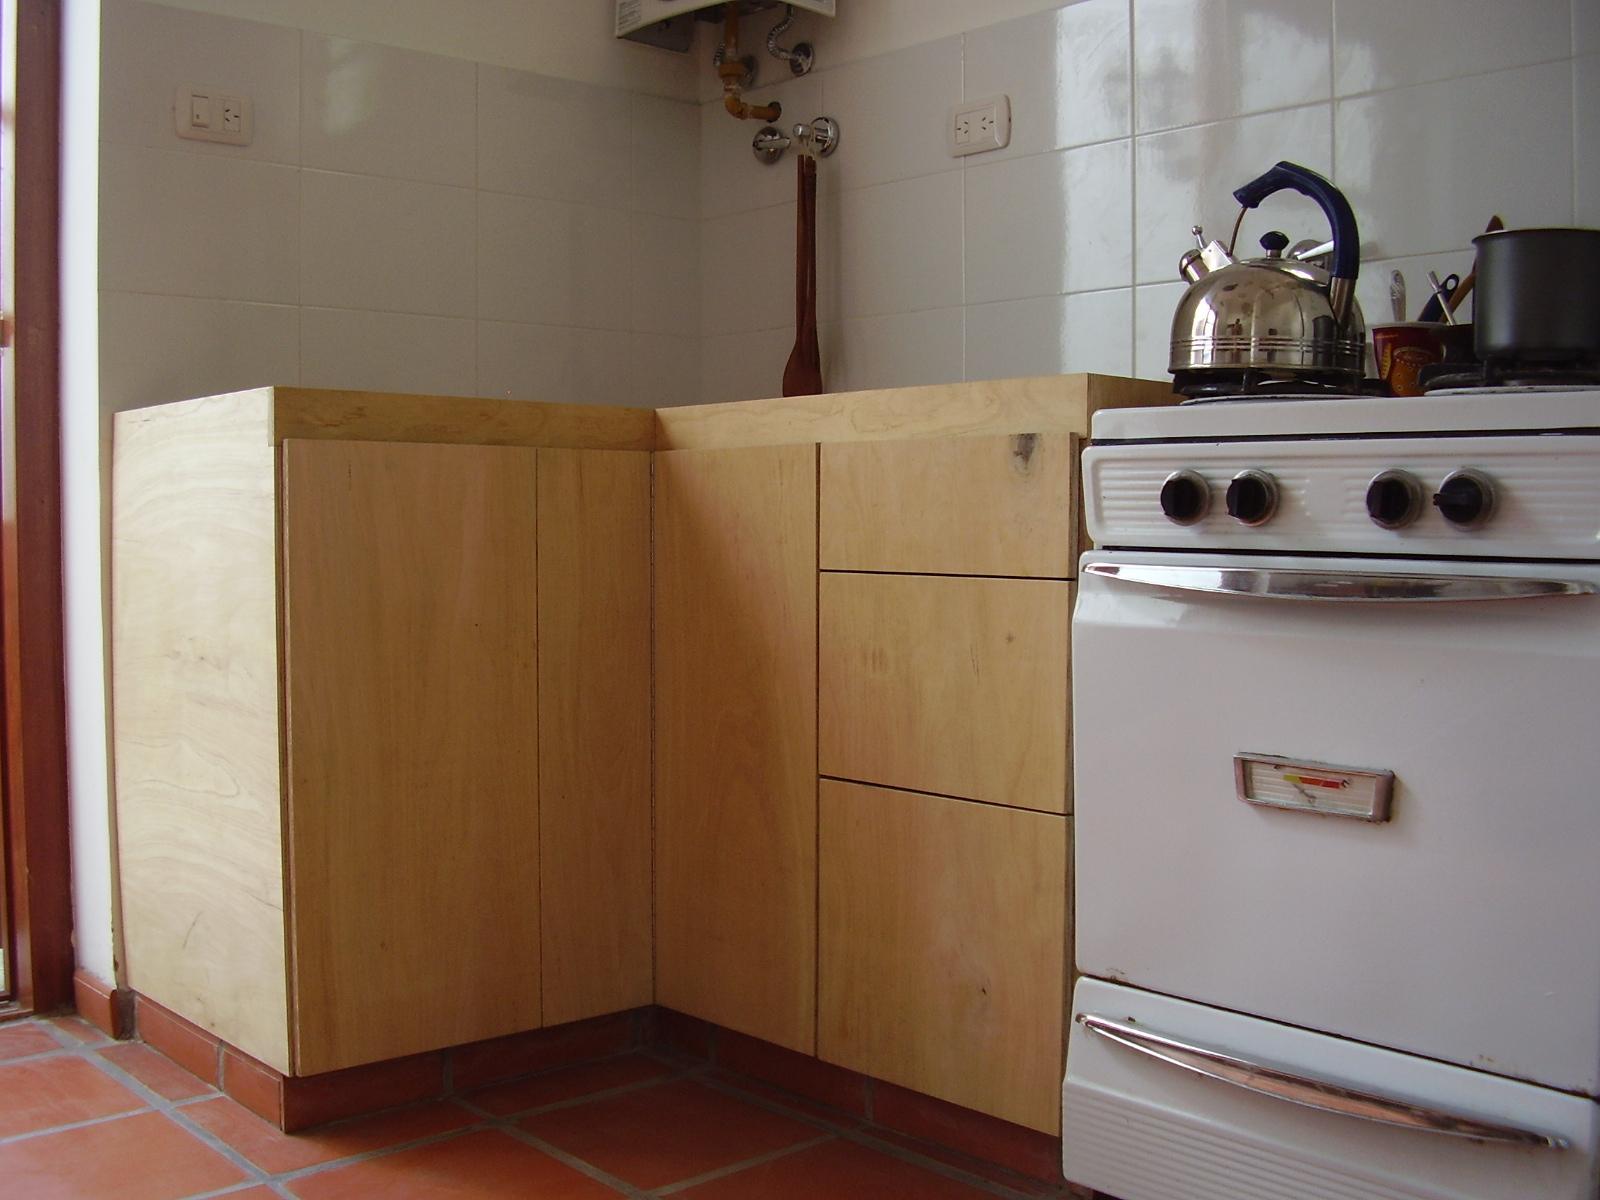 Muebles sensibles en madera bajo mesada fen lico - Tarima para cocina ...